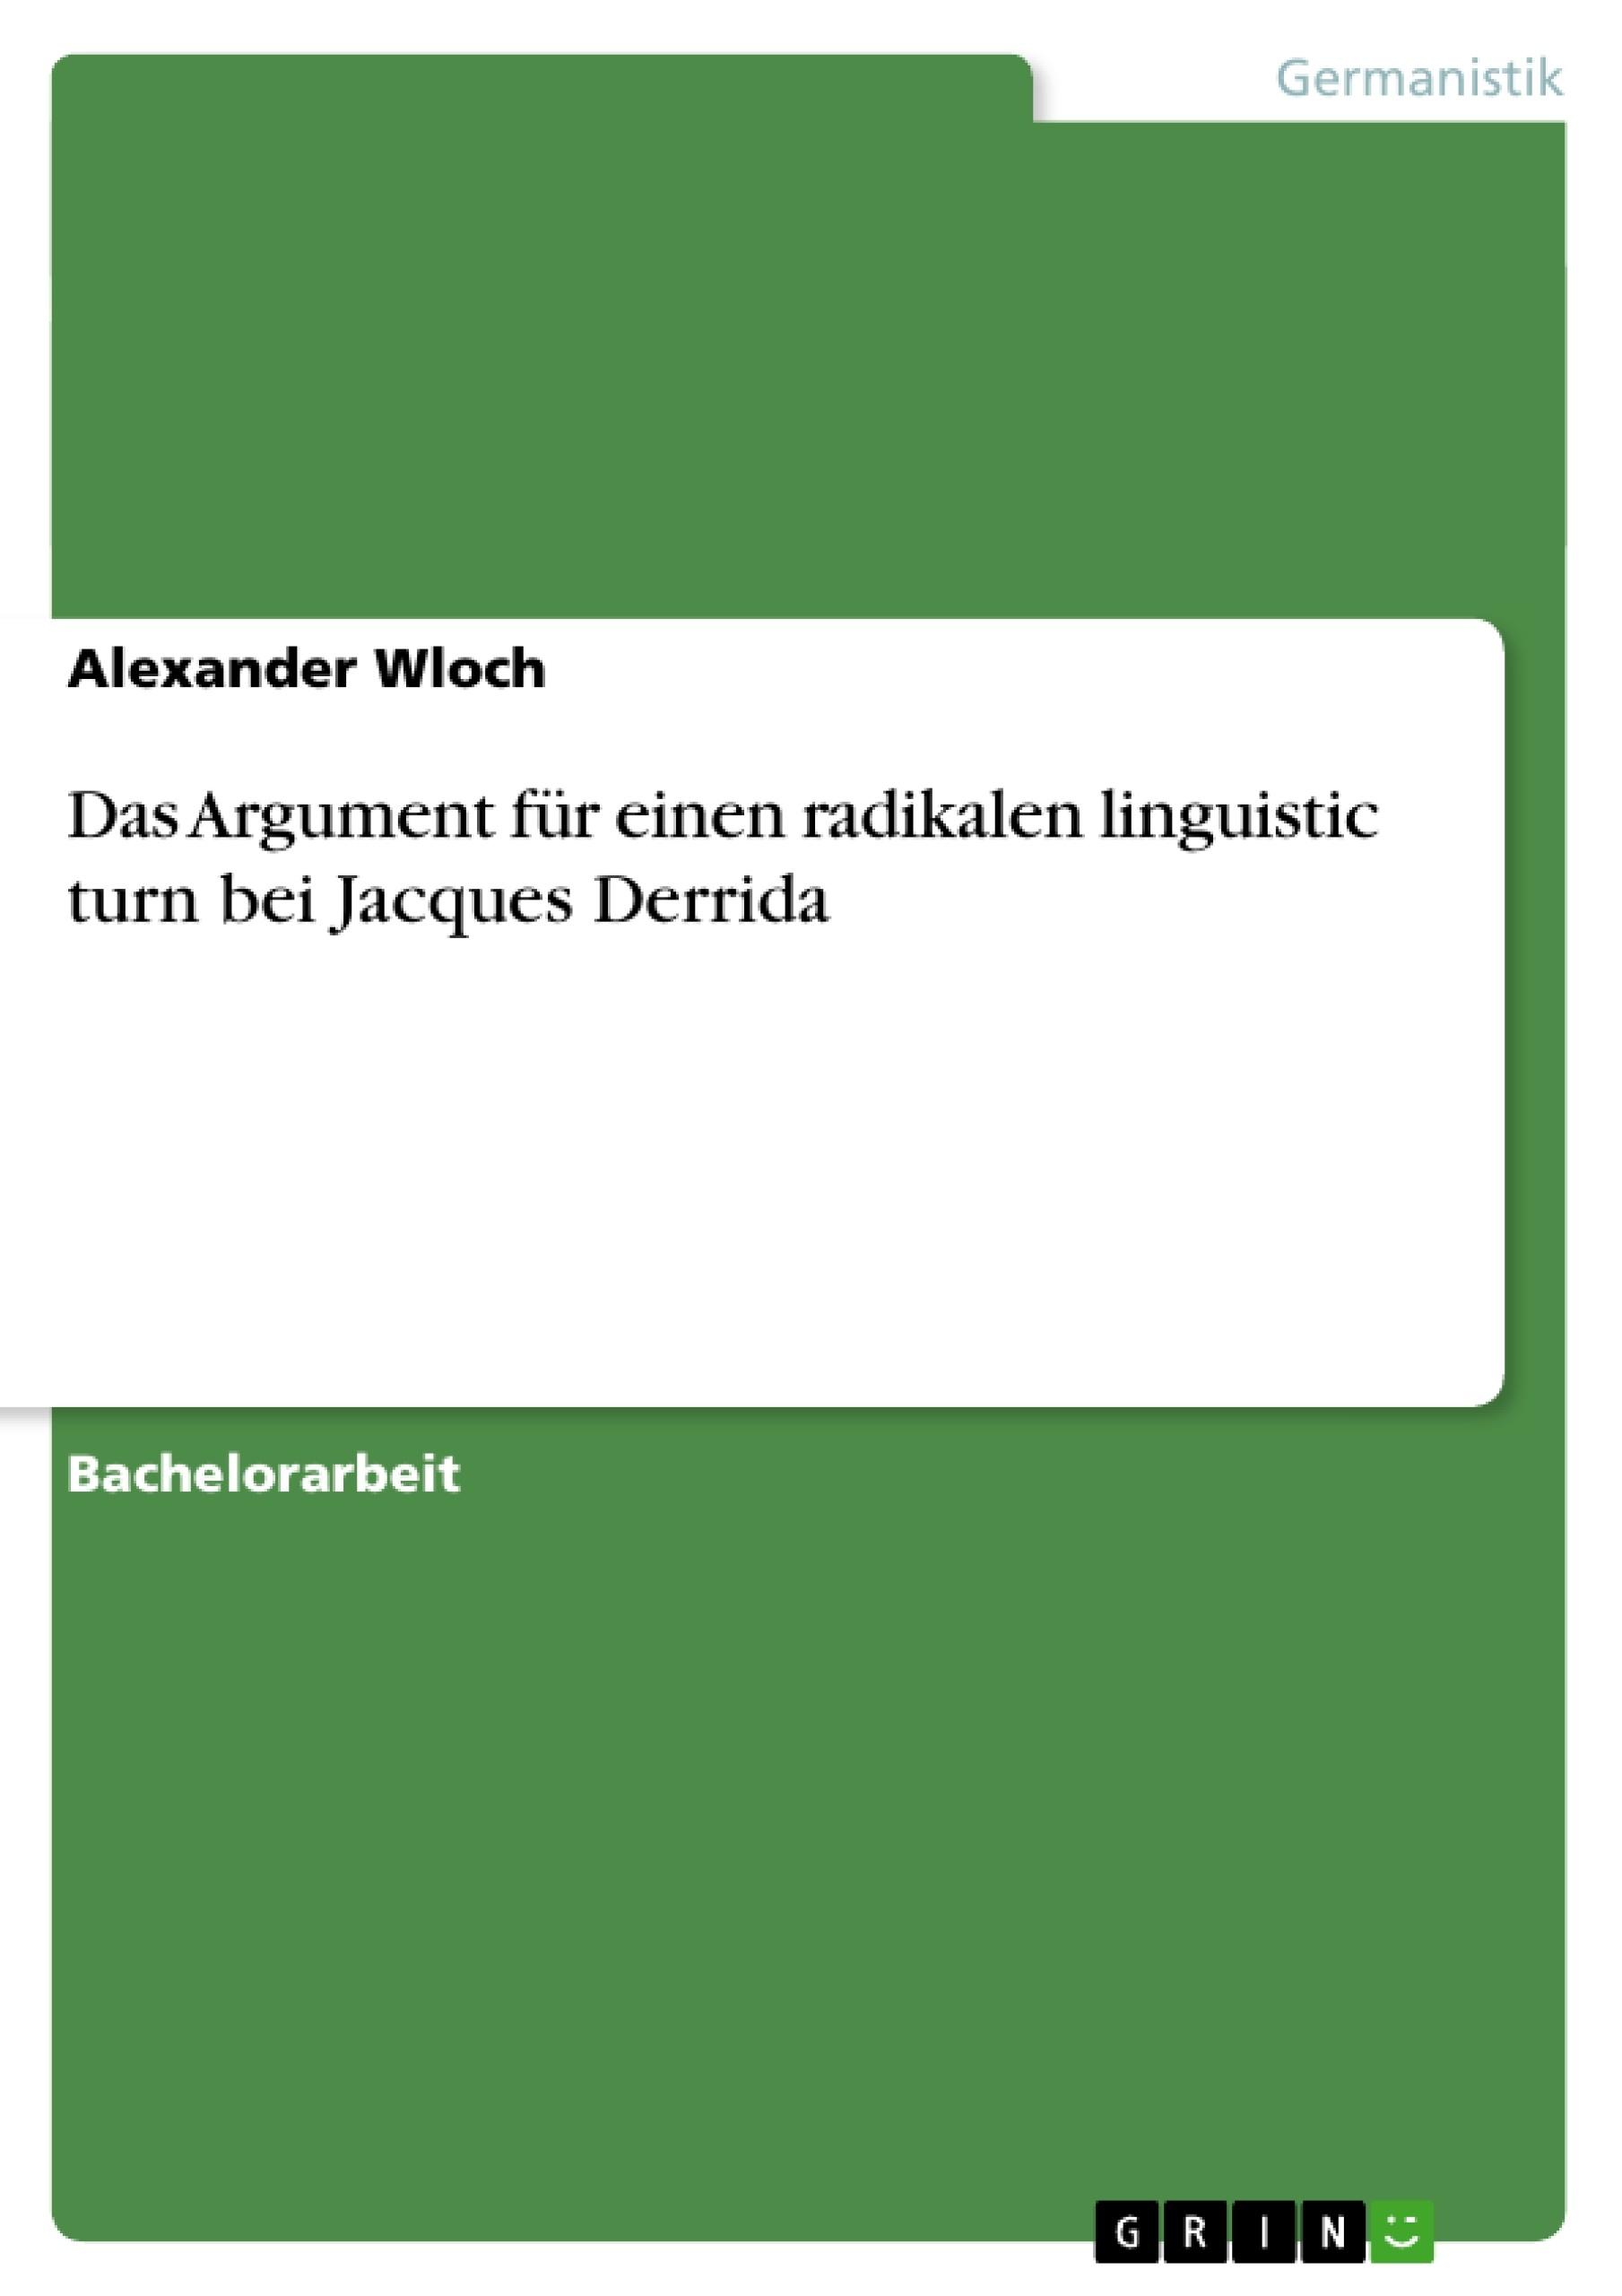 Titel: Das Argument für einen radikalen linguistic turn bei Jacques Derrida